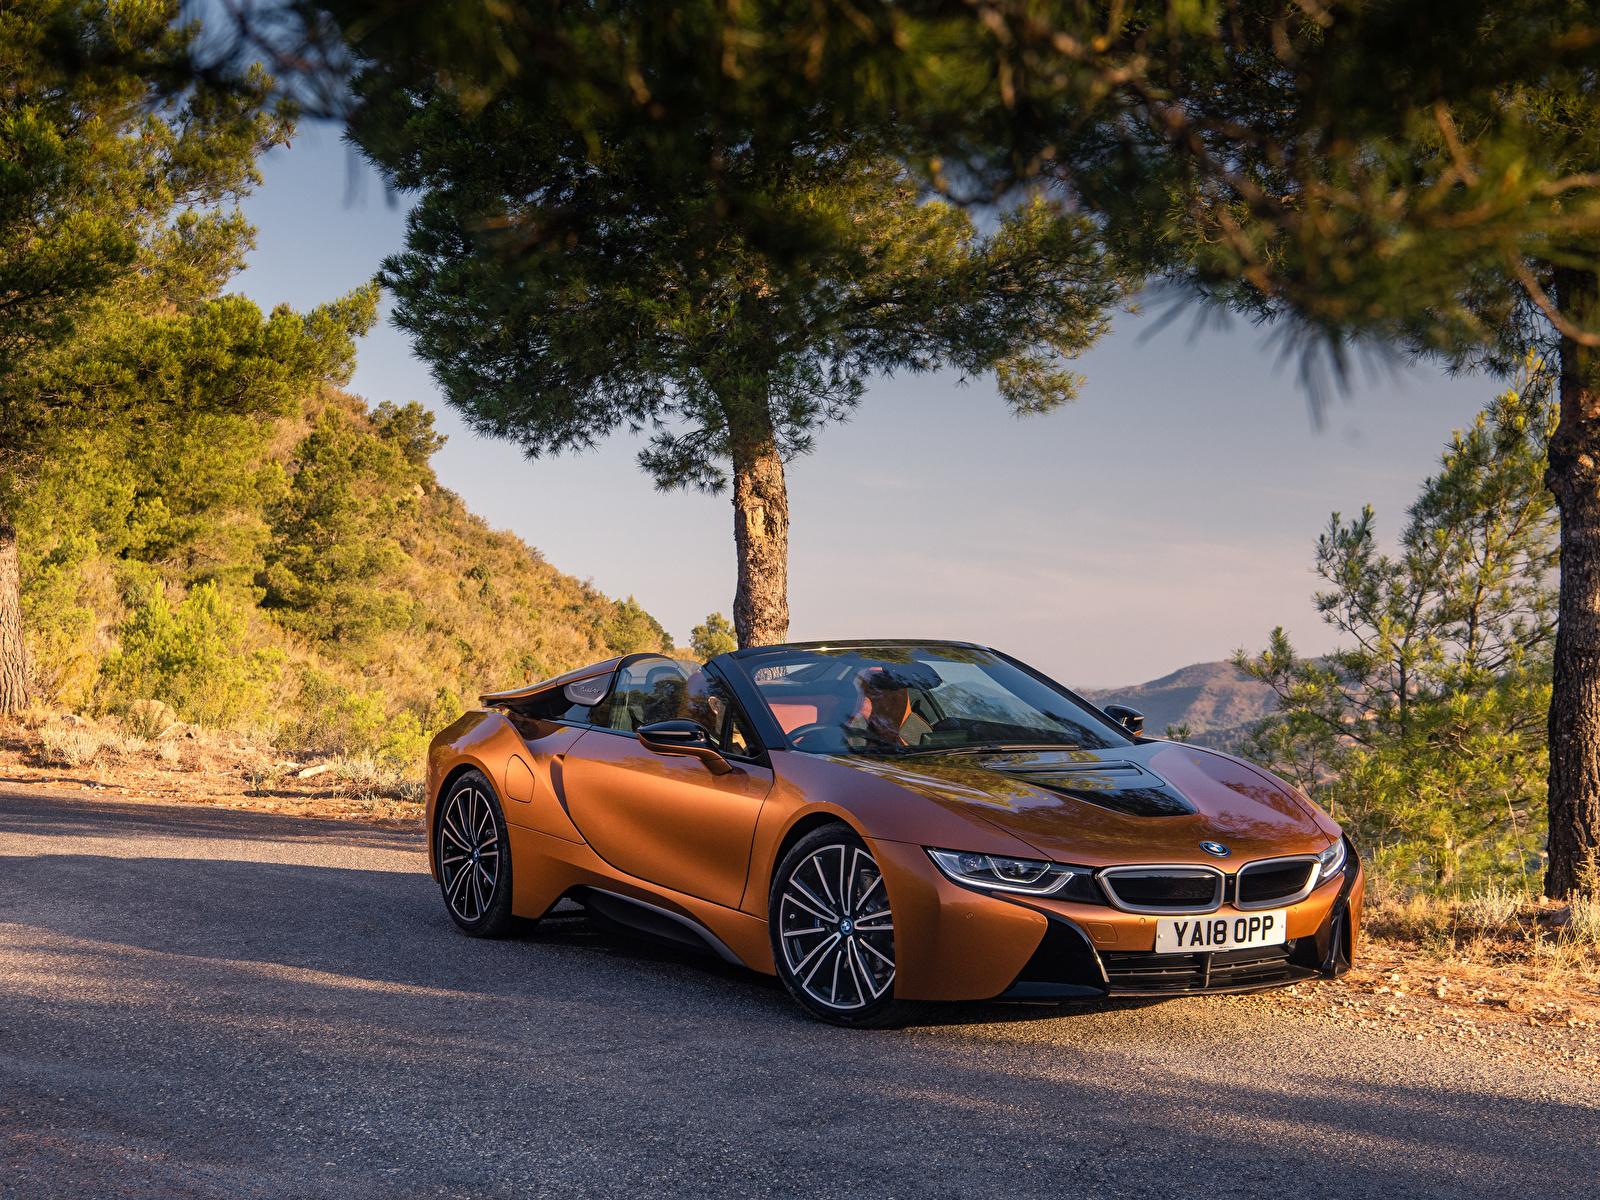 Обои для рабочего стола БМВ 2018 i8 Родстер оранжевых машины 1600x1200 BMW Оранжевый оранжевые оранжевая авто машина автомобиль Автомобили